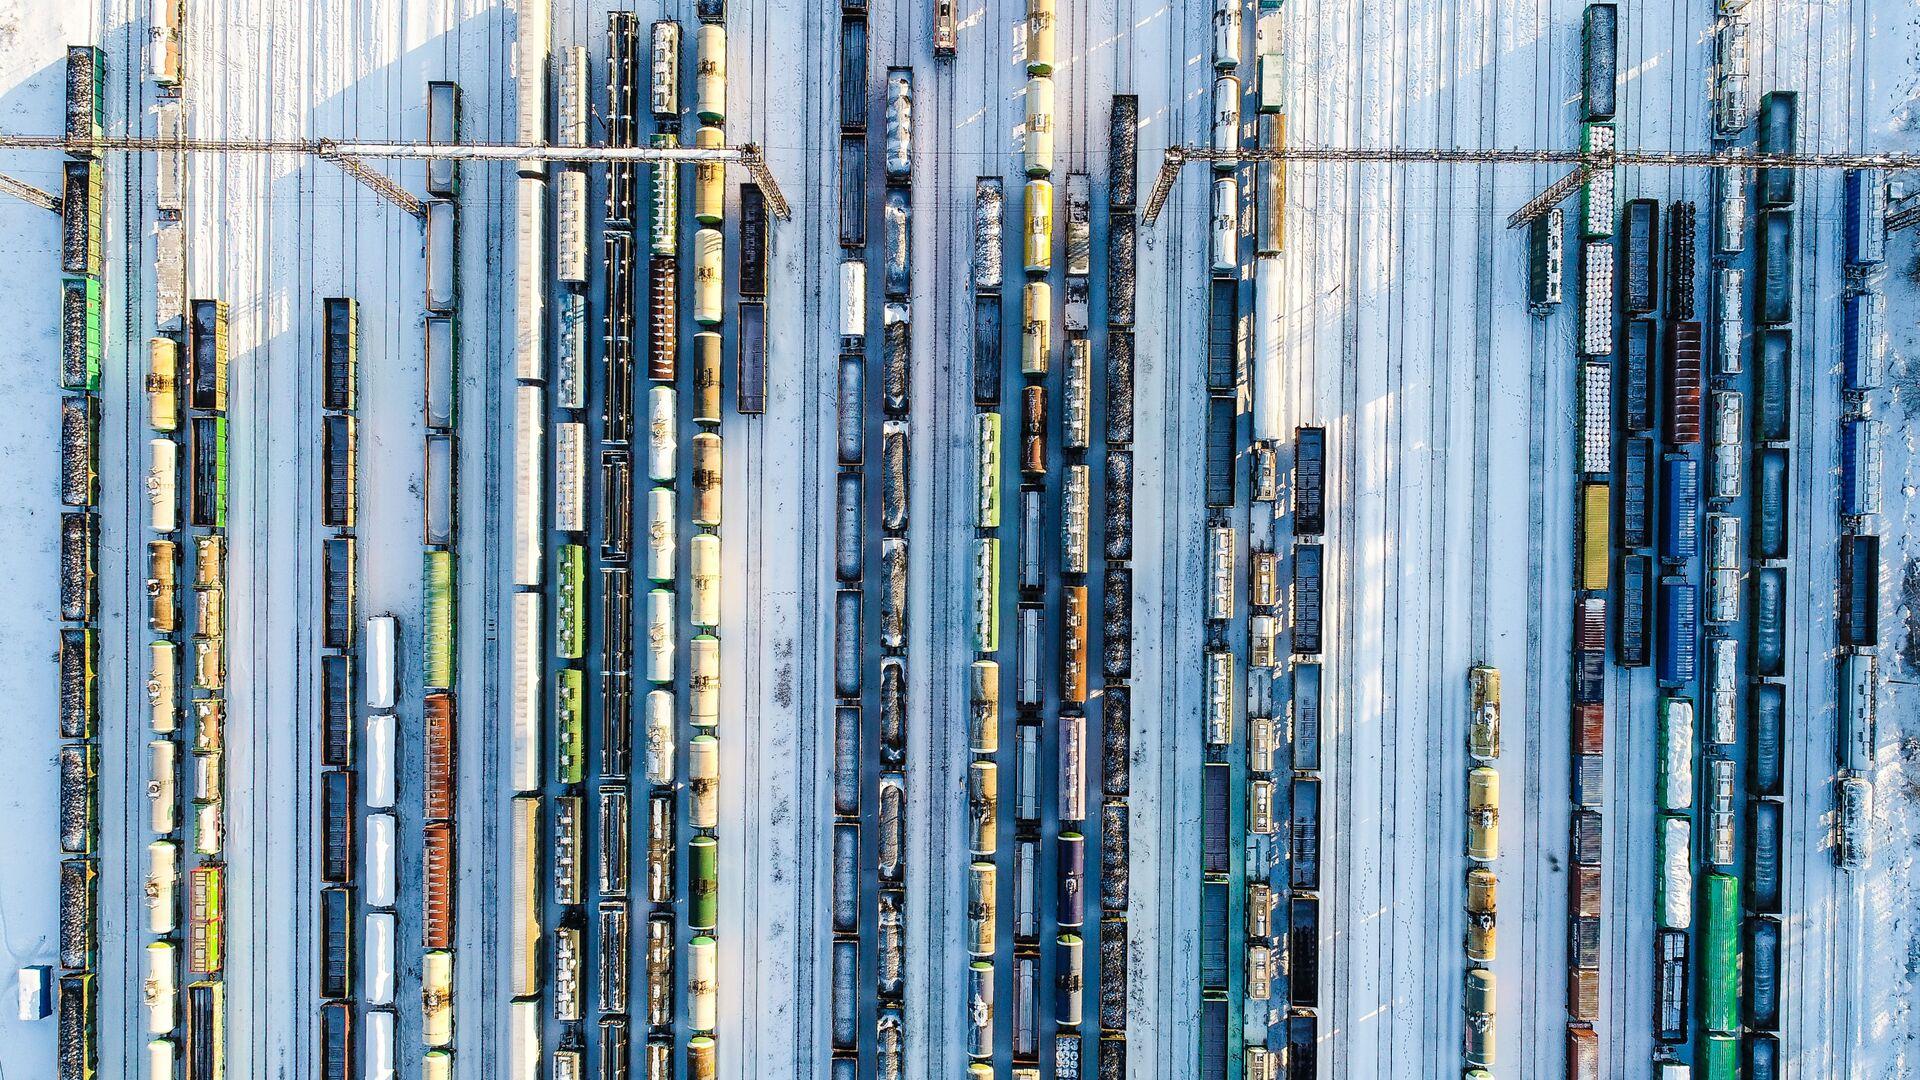 Товарные поезда стоят на станции Бекасово-Сортировочное - Sputnik Ўзбекистон, 1920, 06.10.2021